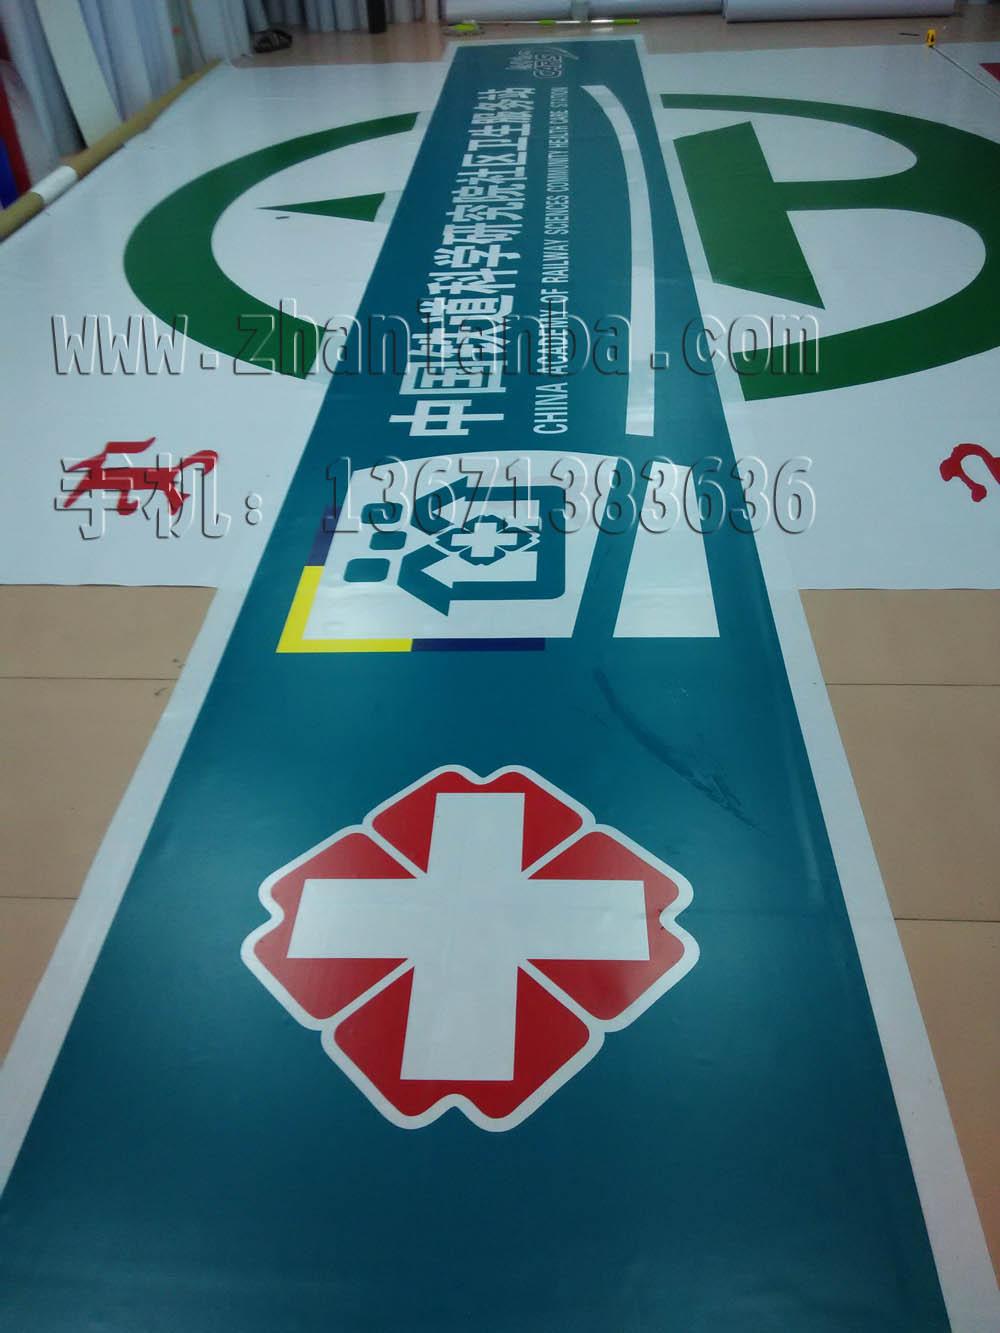 铁科院卫生服务站采用3M灯箱布贴膜制作的灯箱画面